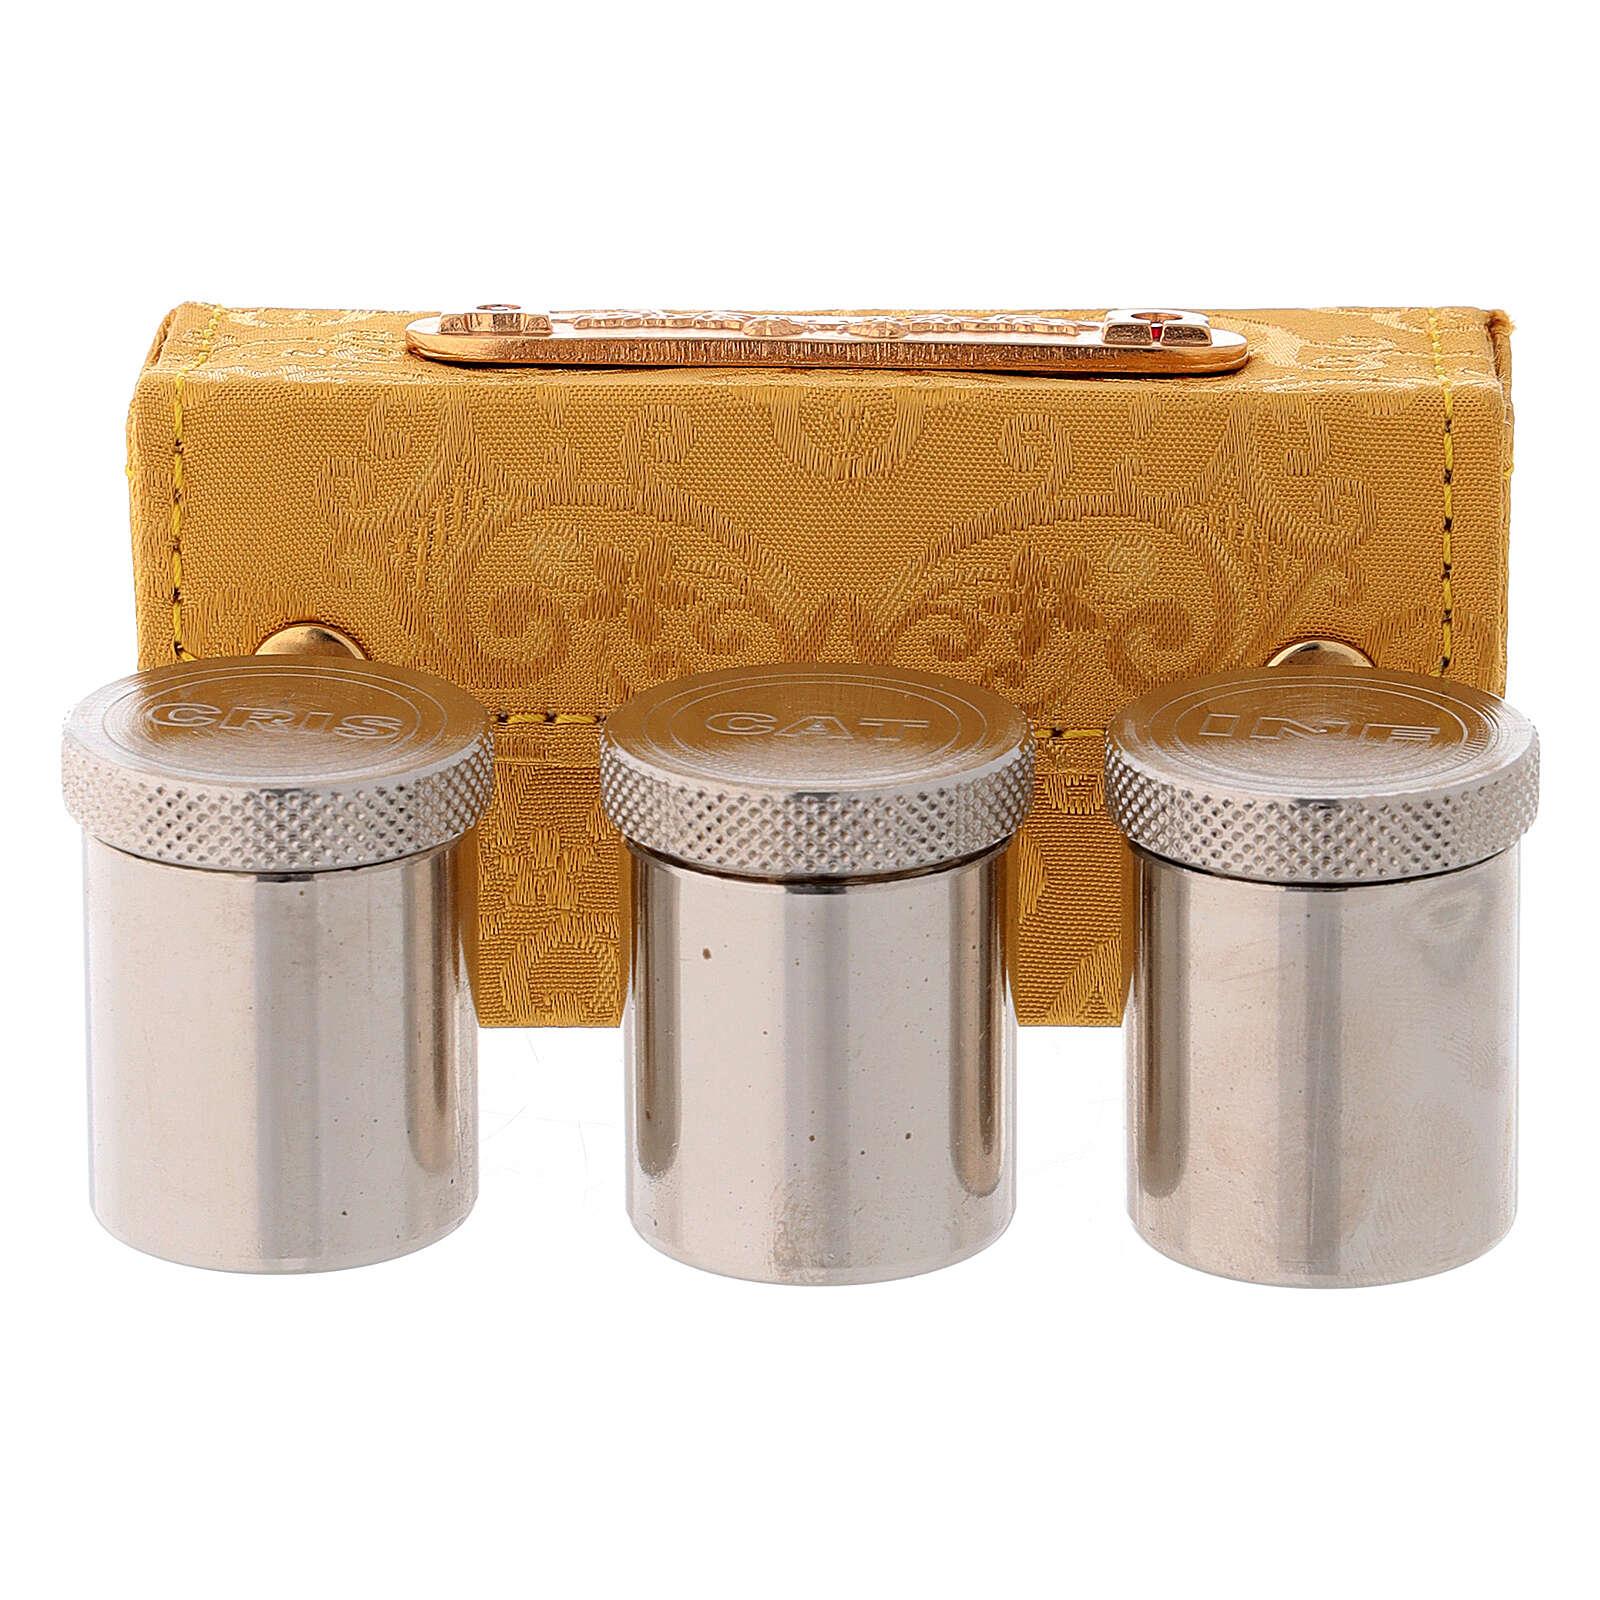 Estojo com Óleos Santos jacquard ouro três vasos 3